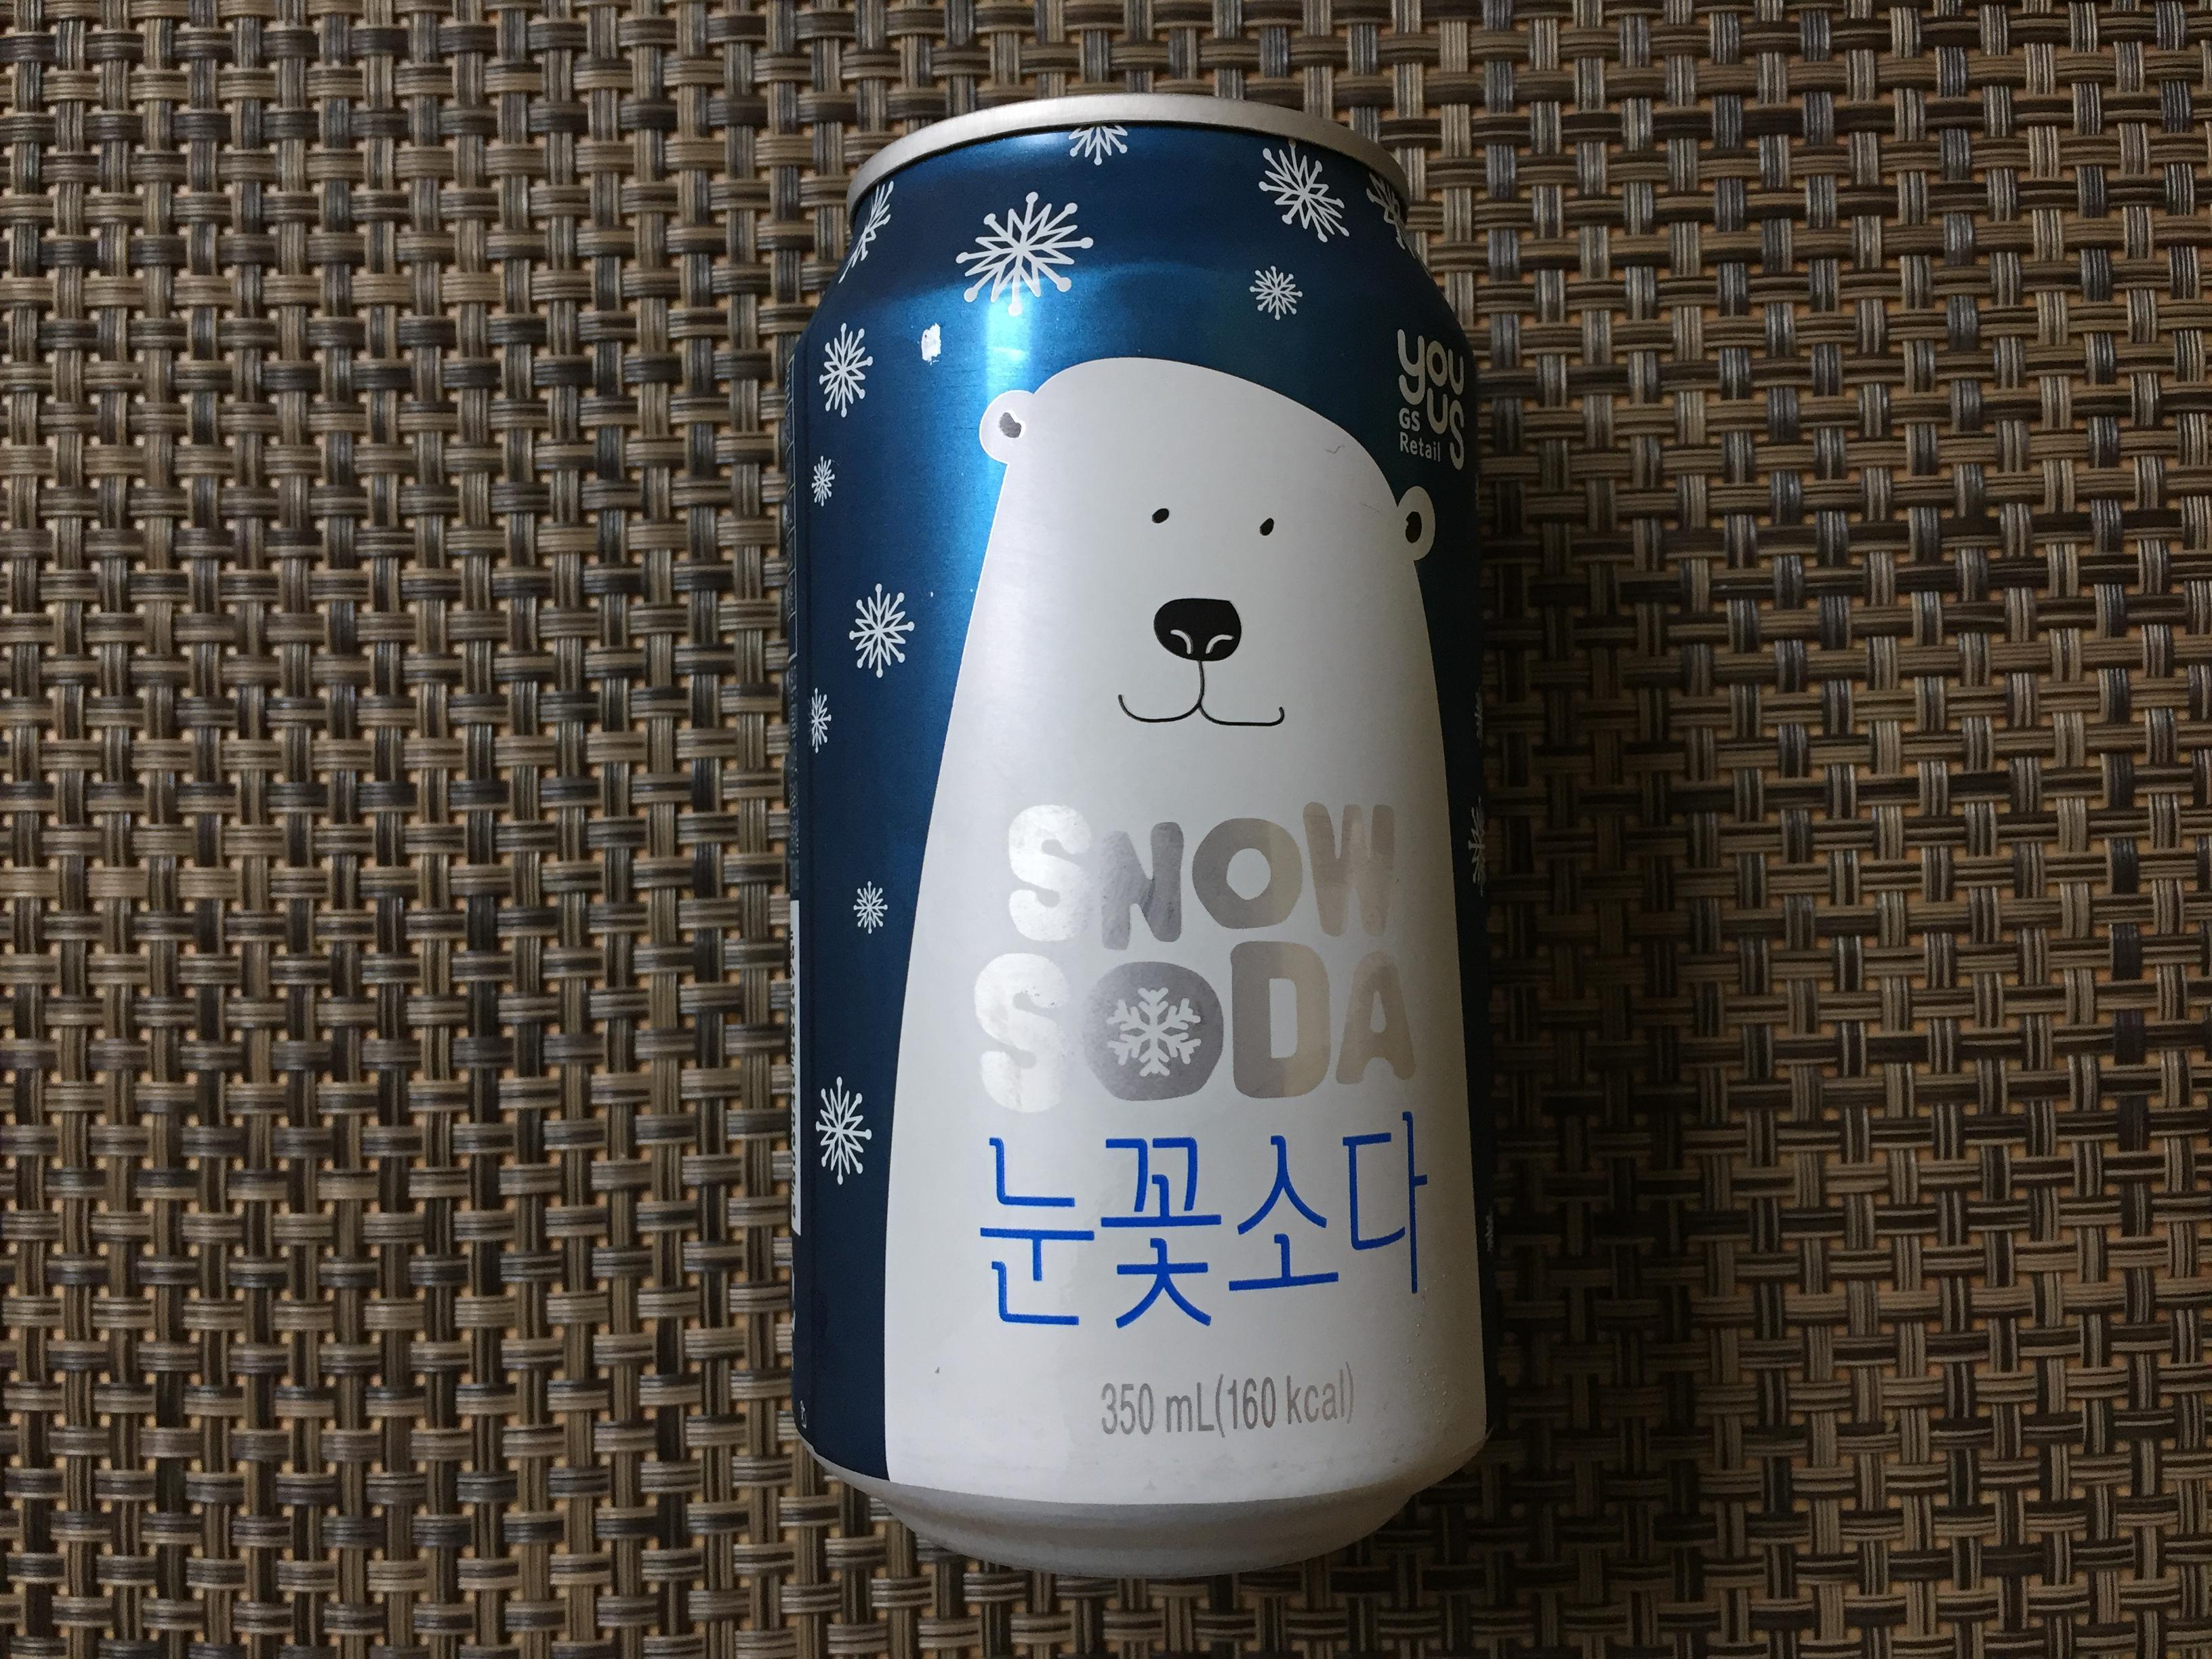 이거 완전 지뢰 아닐까... [GS25]SNOW SODA..